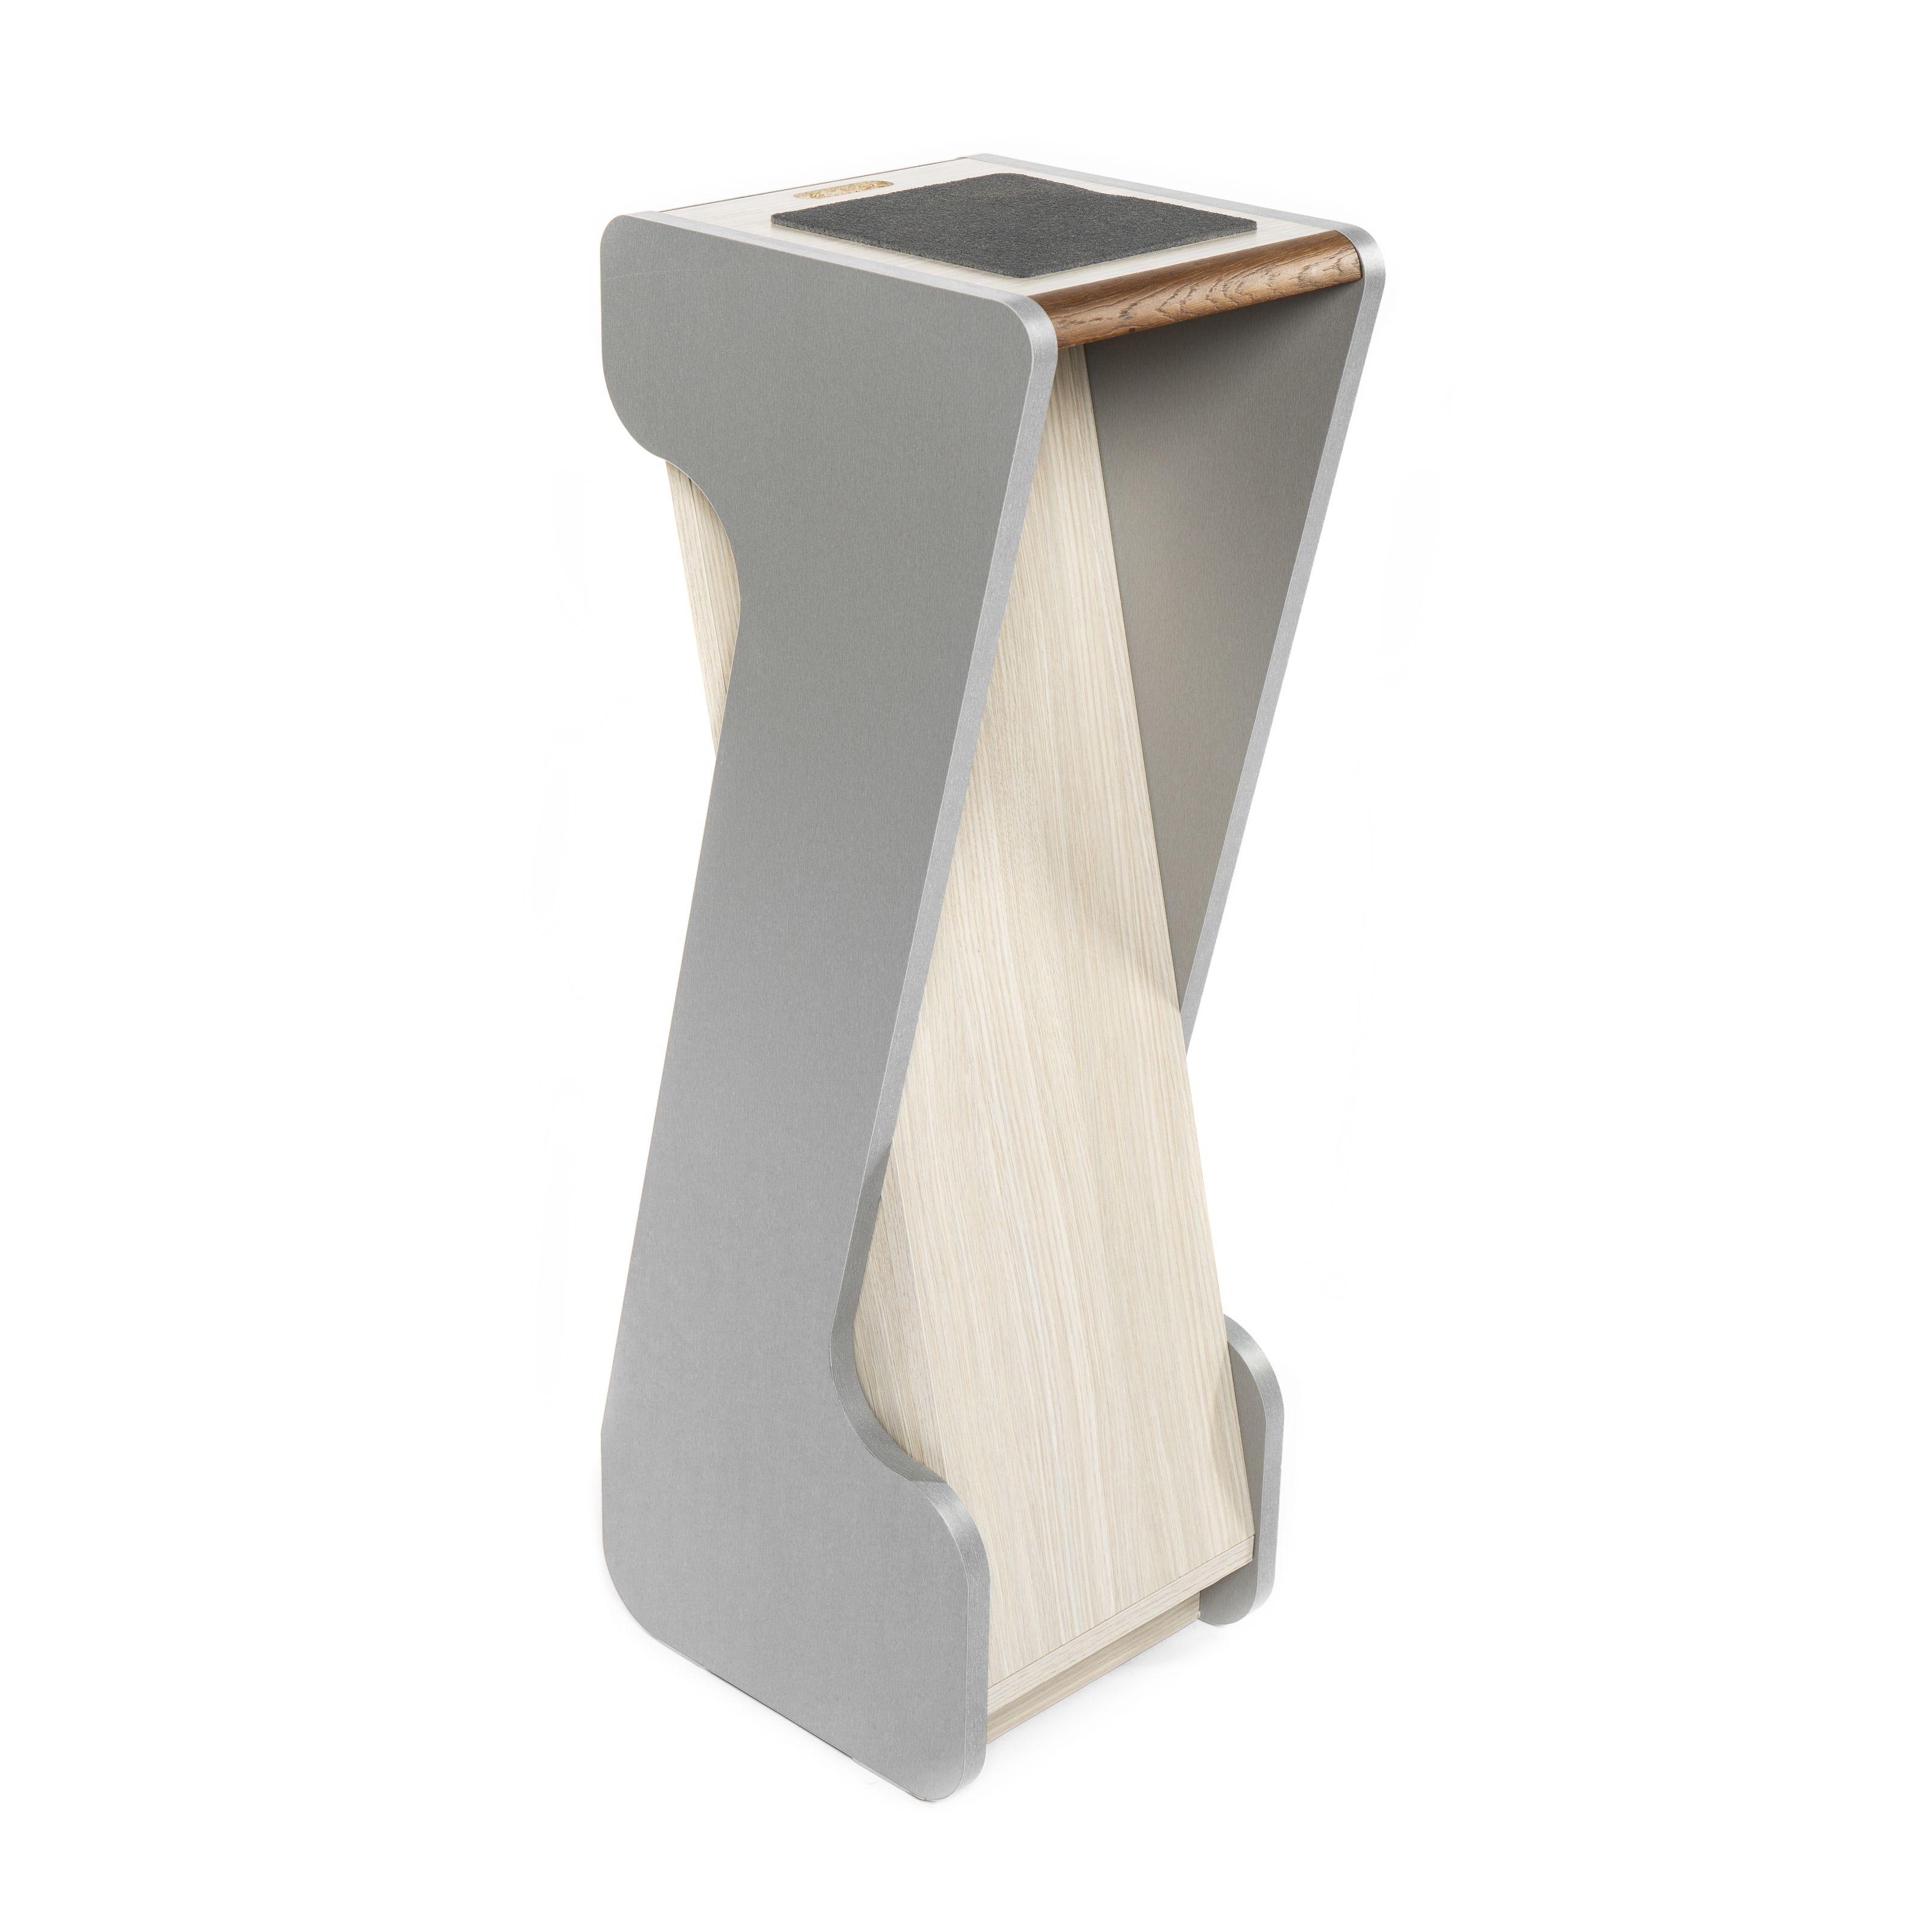 Zaor - MIZA Stand 90 cm Titanium Eiche, Stückpreis